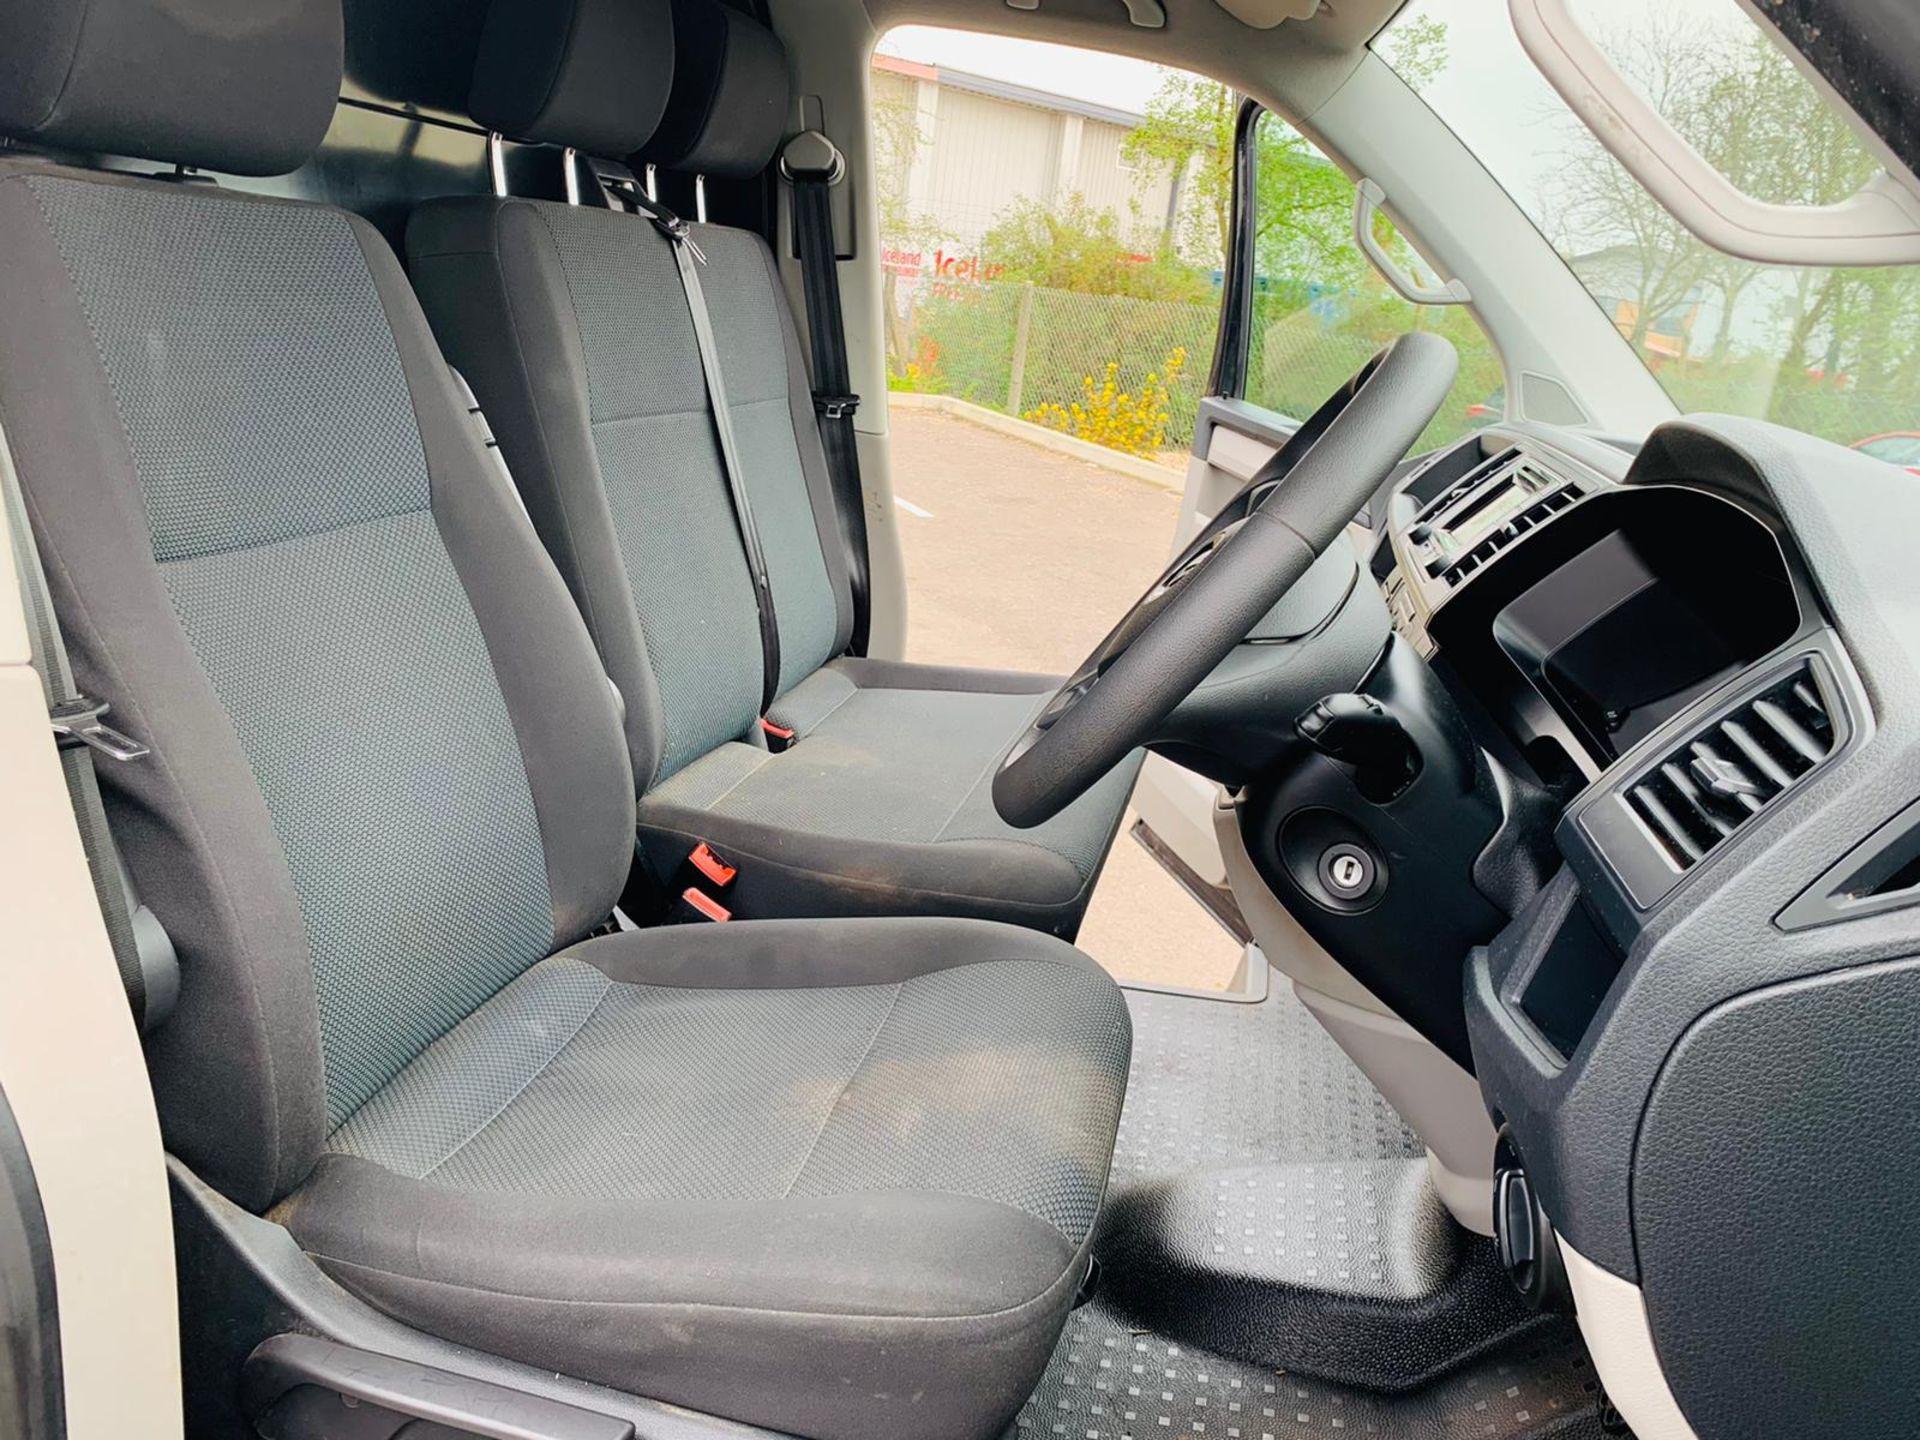 Reserve Met - Volkswagen Transporter T30 2.0 TDI Trendline - 2017 Model - Euro 6 - 1 Owner - Image 11 of 18